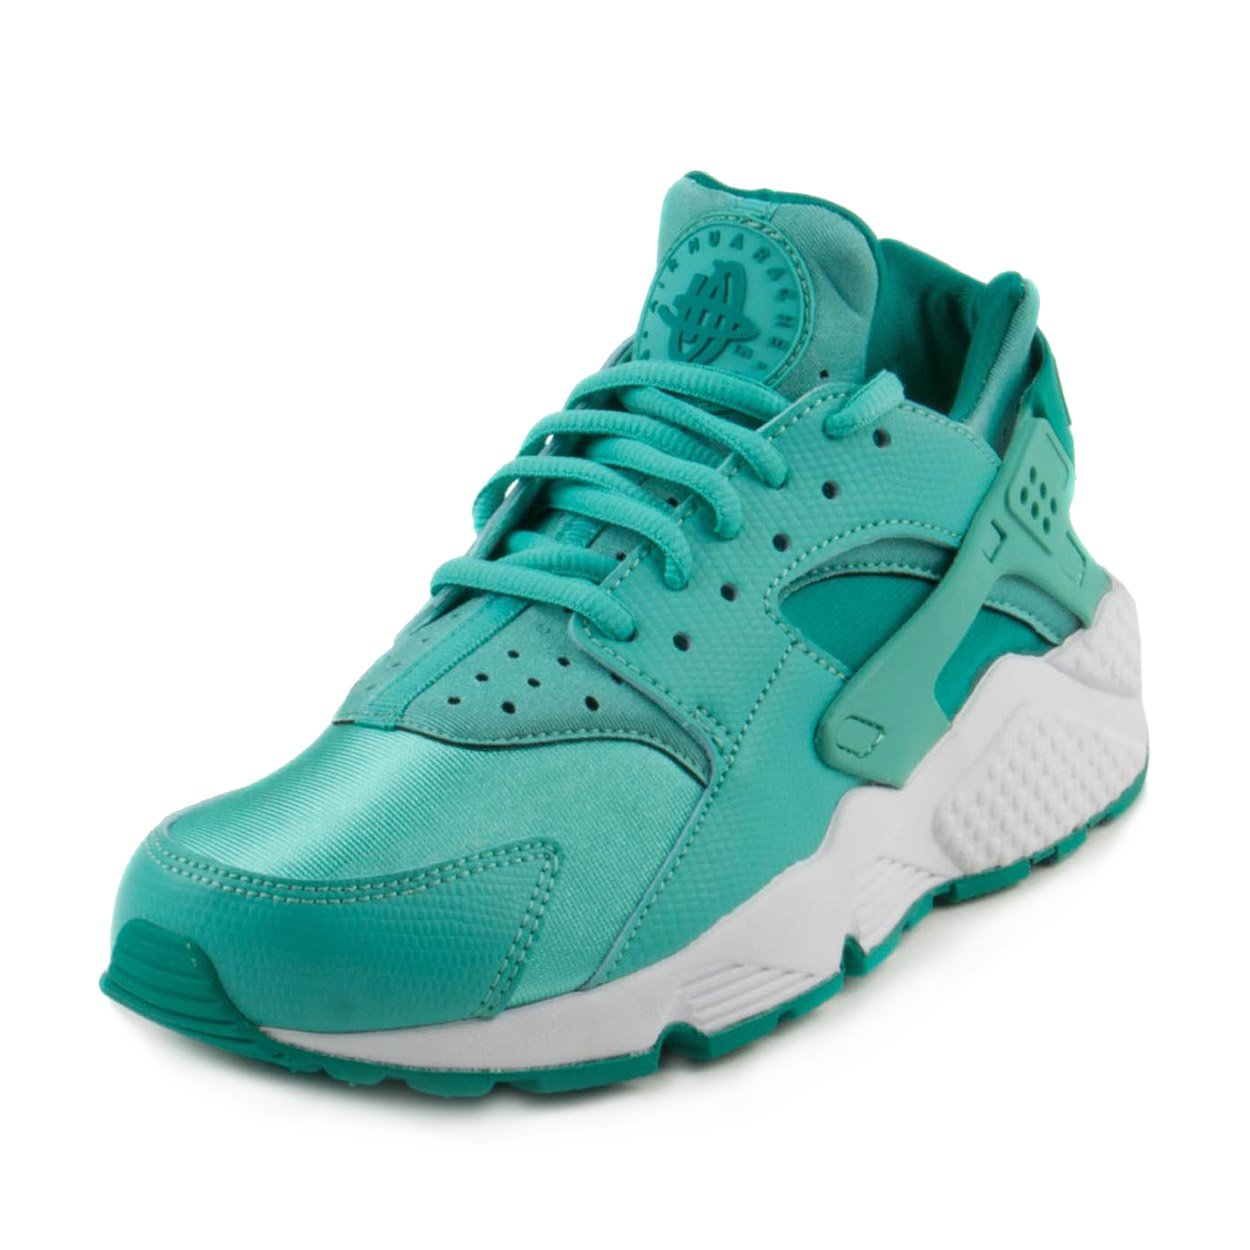 c2d09fb085308 Galleon - NIKE Womens Air Huarache Run Training Running Shoes Blue 6 Medium  (B